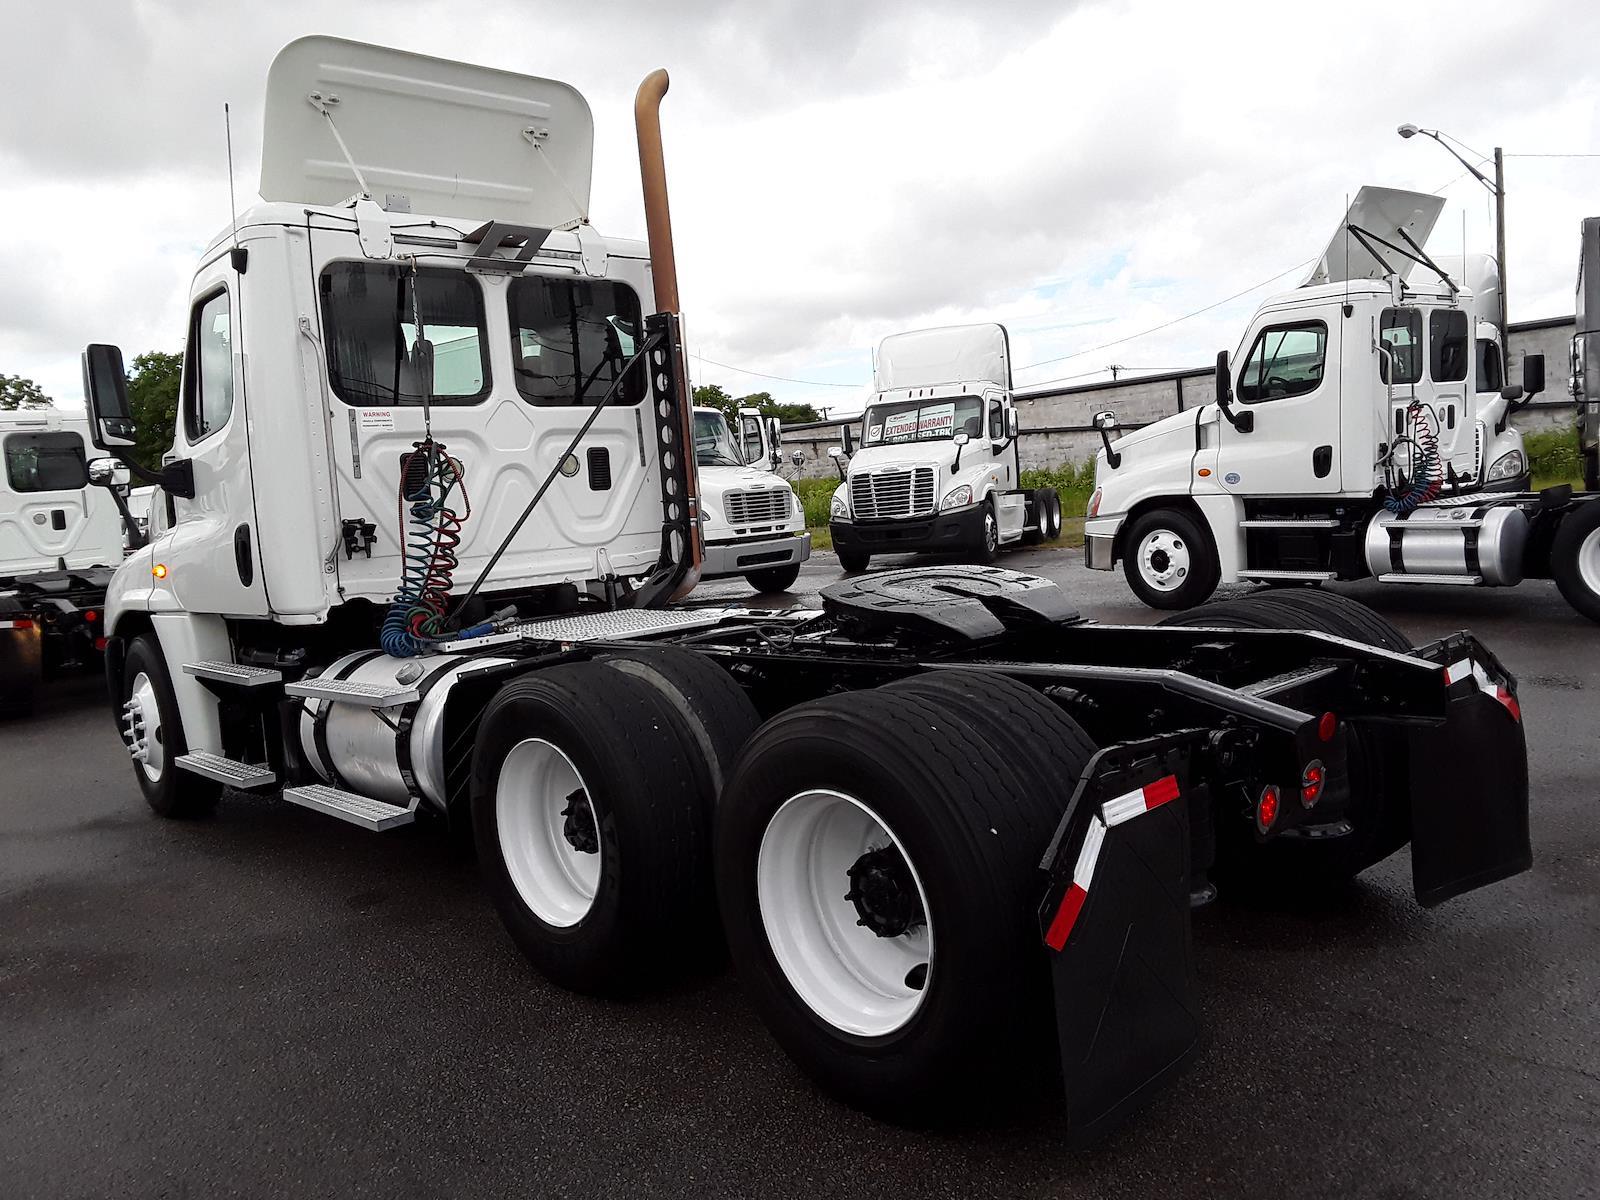 2013 Freightliner Truck 6x4, Tractor #485582 - photo 1